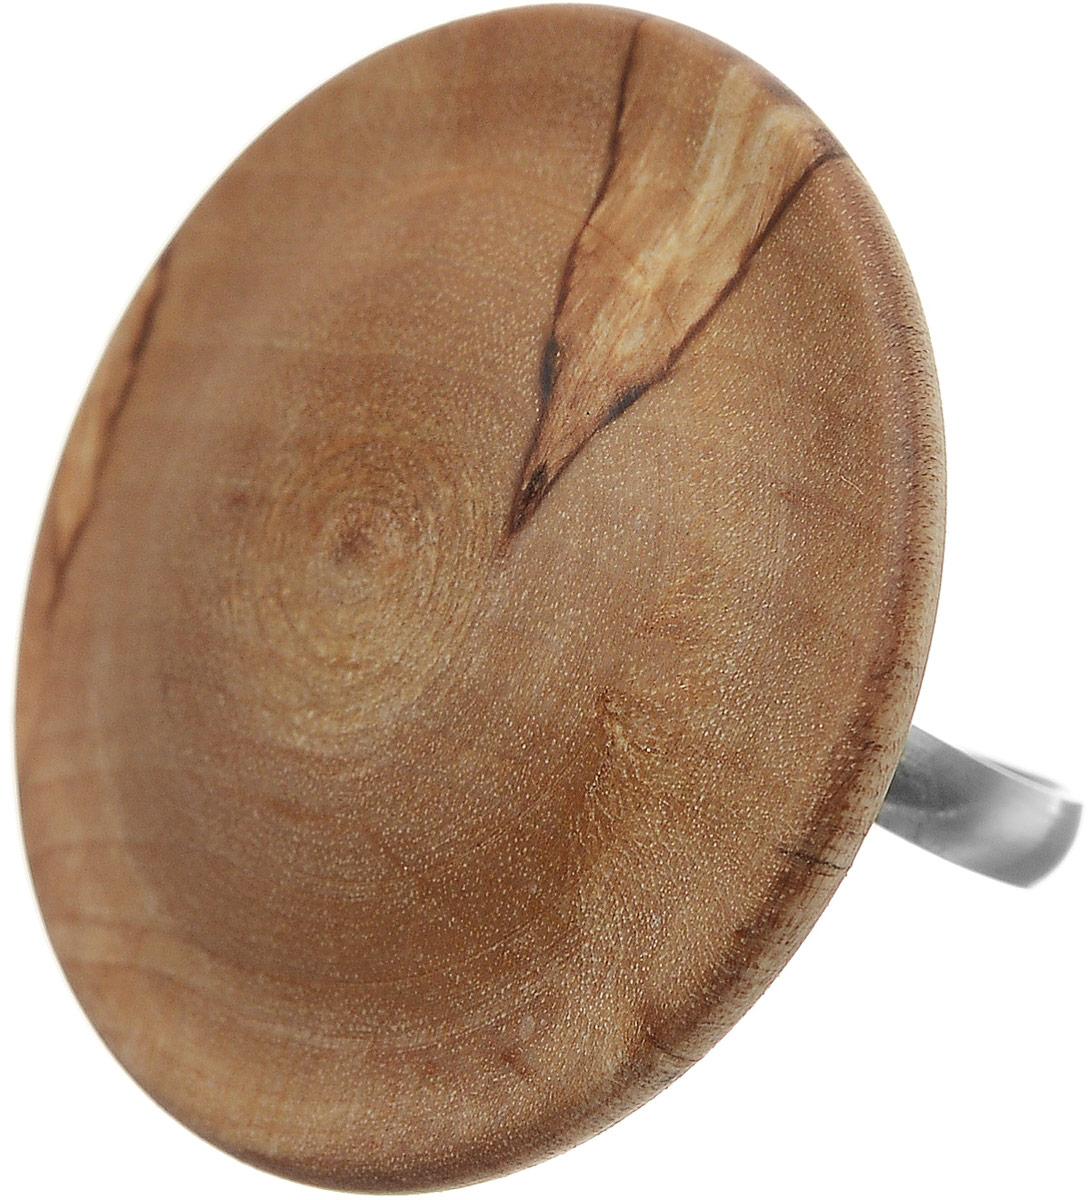 Кольцо Груша, 3,3 х 3,3 см. Ручная работа. Автор Дмитрий ШульцКольцо-печаткаОригинальное кольцо ручной работы выполнено из натурального дерева. Крепление кольца изготовлено из металла. Кольцо универсального размера. Такое кольцо - это блестящее завершение вашего неповторимого, смелого образа и отличный подарок любительнице стильных вещиц! Ручная работа. Автор Дмитрий Шульц.Просим обратить ваше внимание на то, что работа, выполненная на заказ, может незначительно отличаться от представленной на фото, так как это авторская работа.